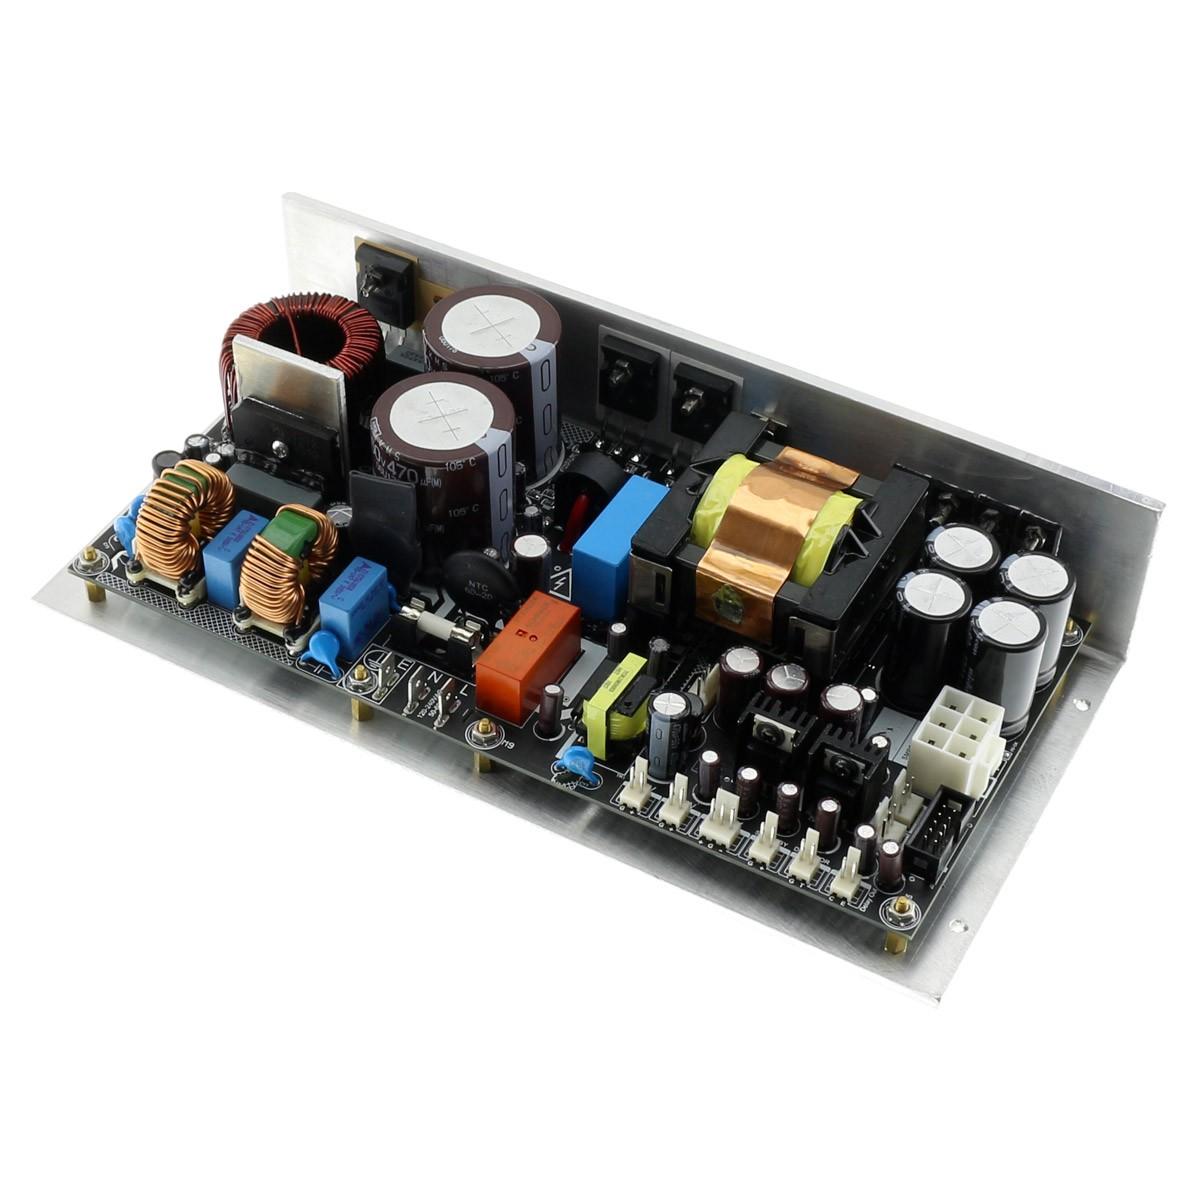 MICRO AUDIO SMPS1K-PFC Switching Mode Power Supply Board 2x64V 12V 3.3V +/-18V +/-25V 1500W